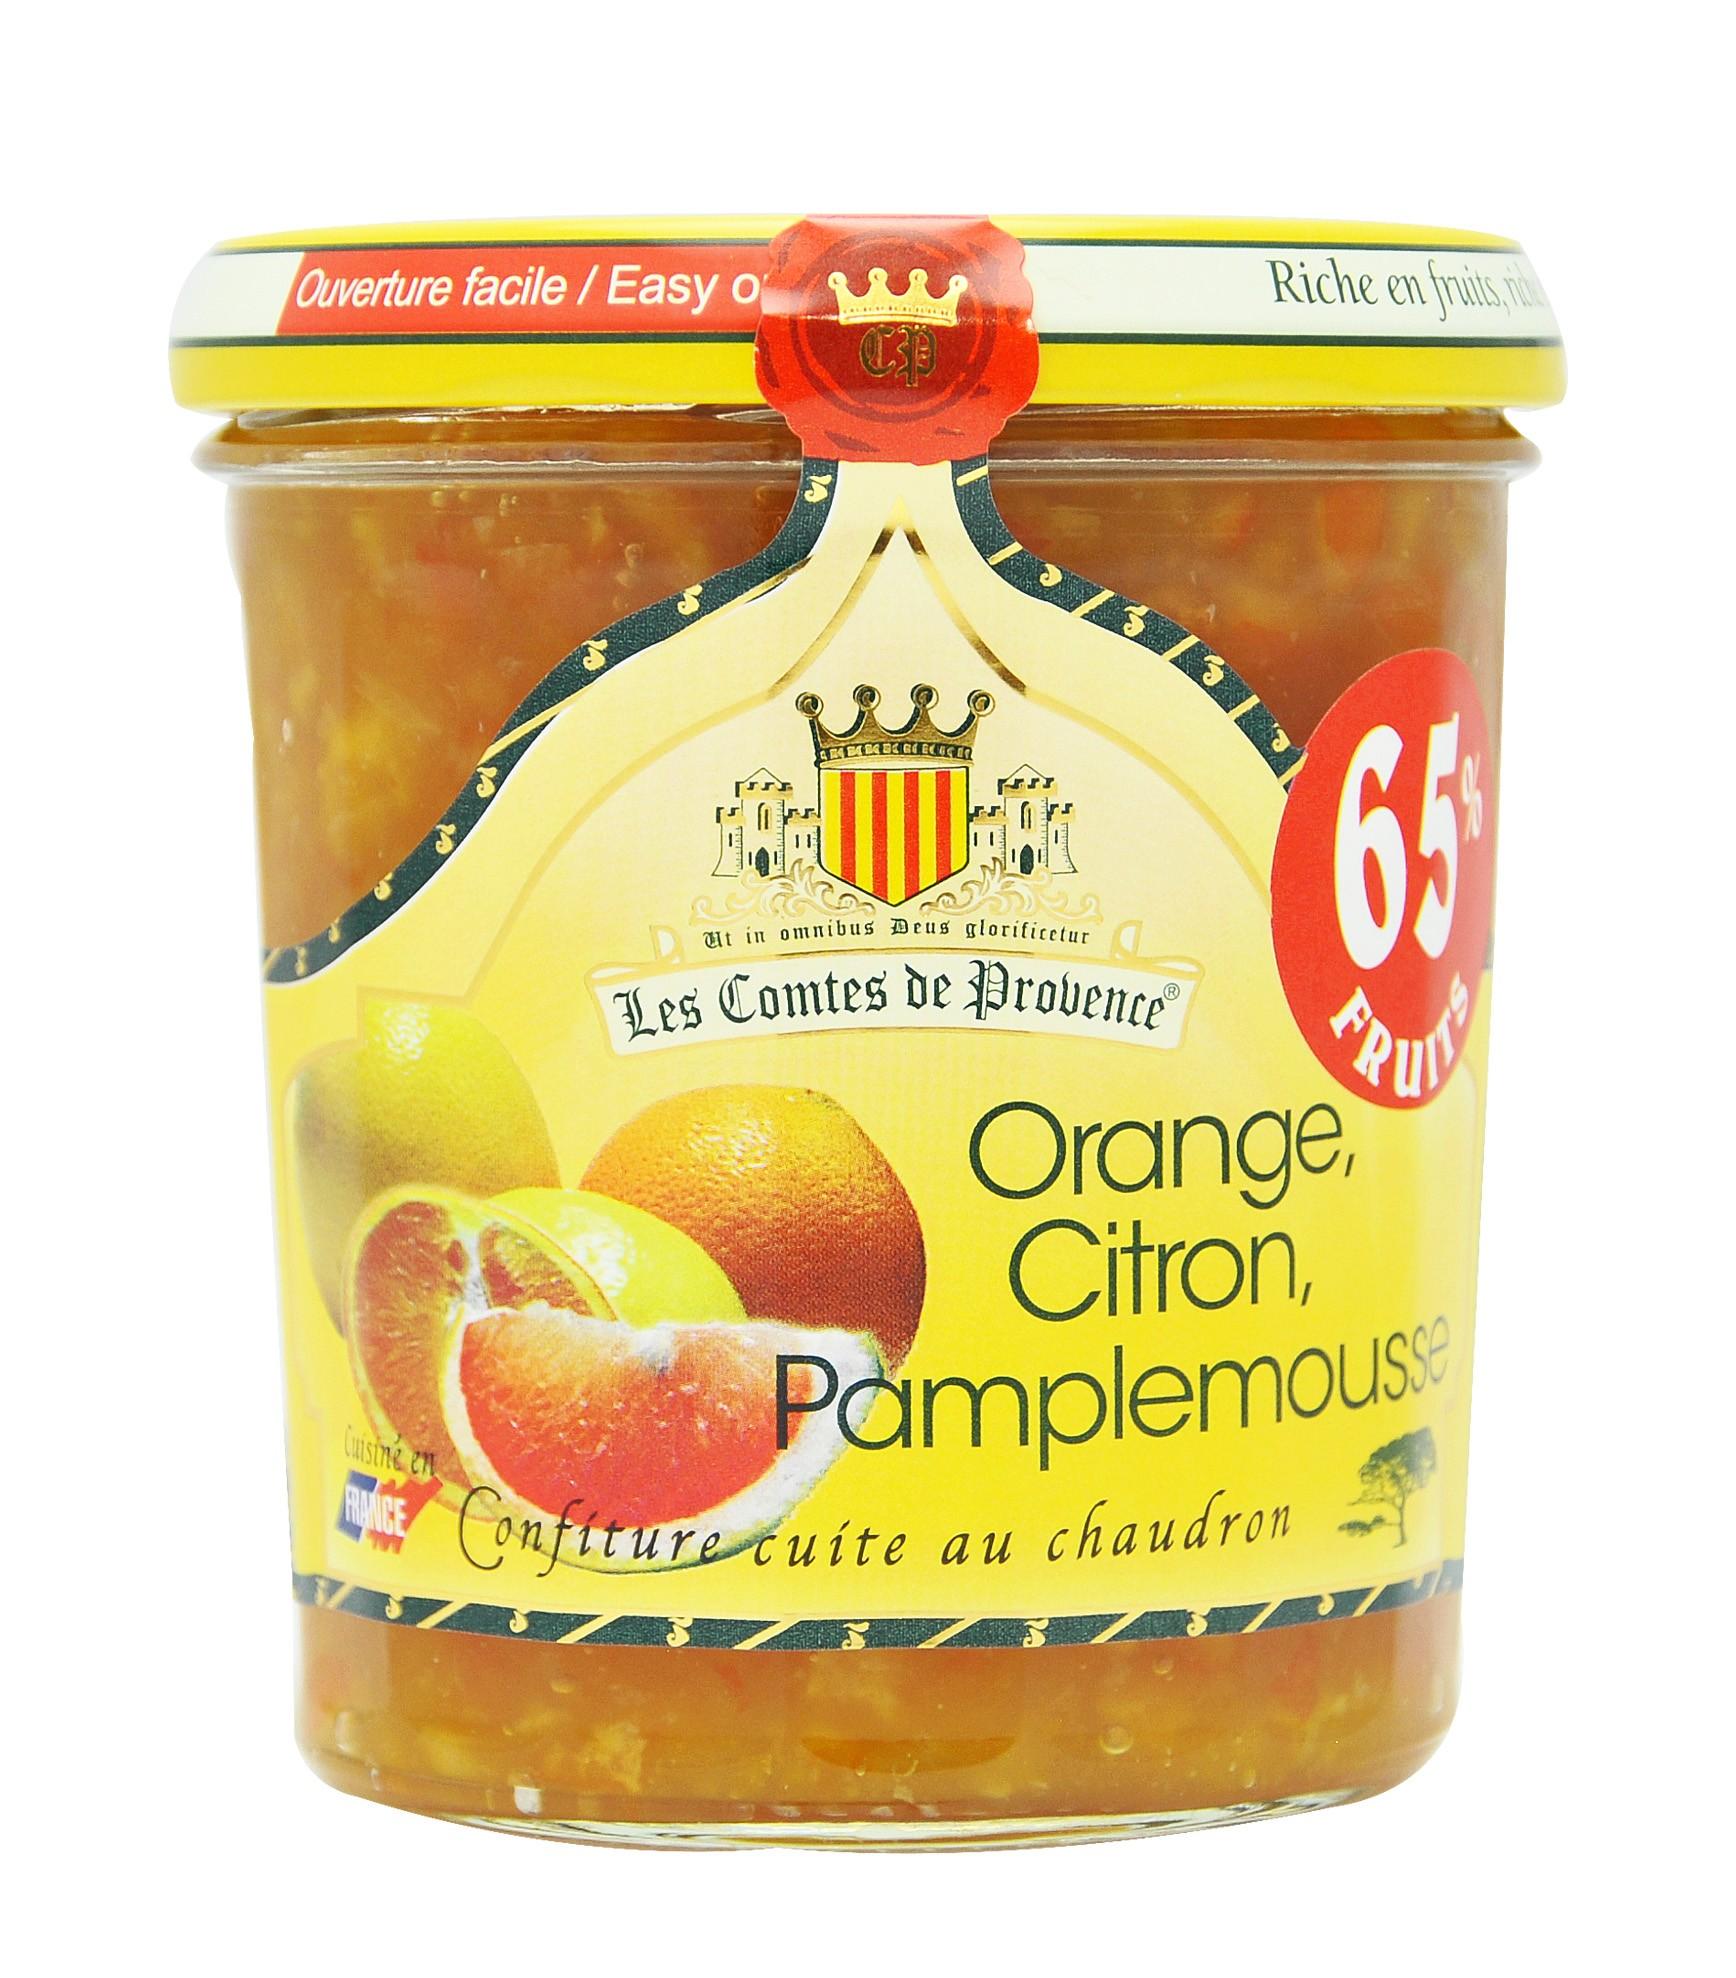 Gem de portocale, lamai si grapefruit